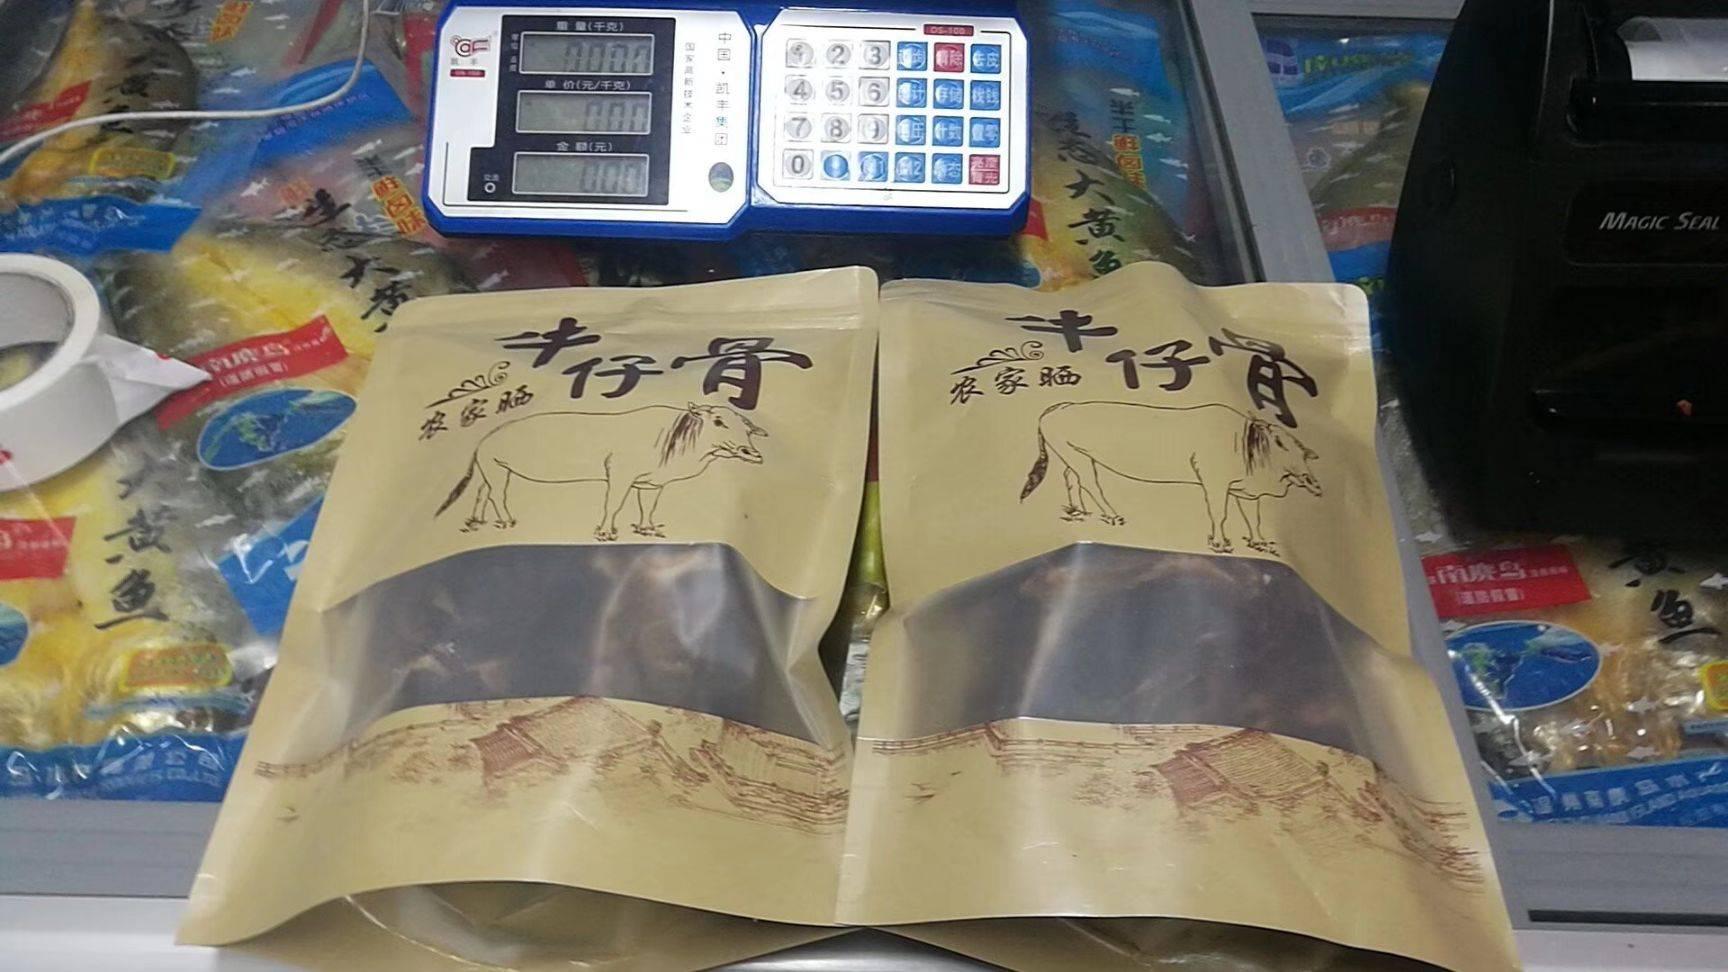 [牛仔骨批发]牛仔骨 简加工价格58元/斤